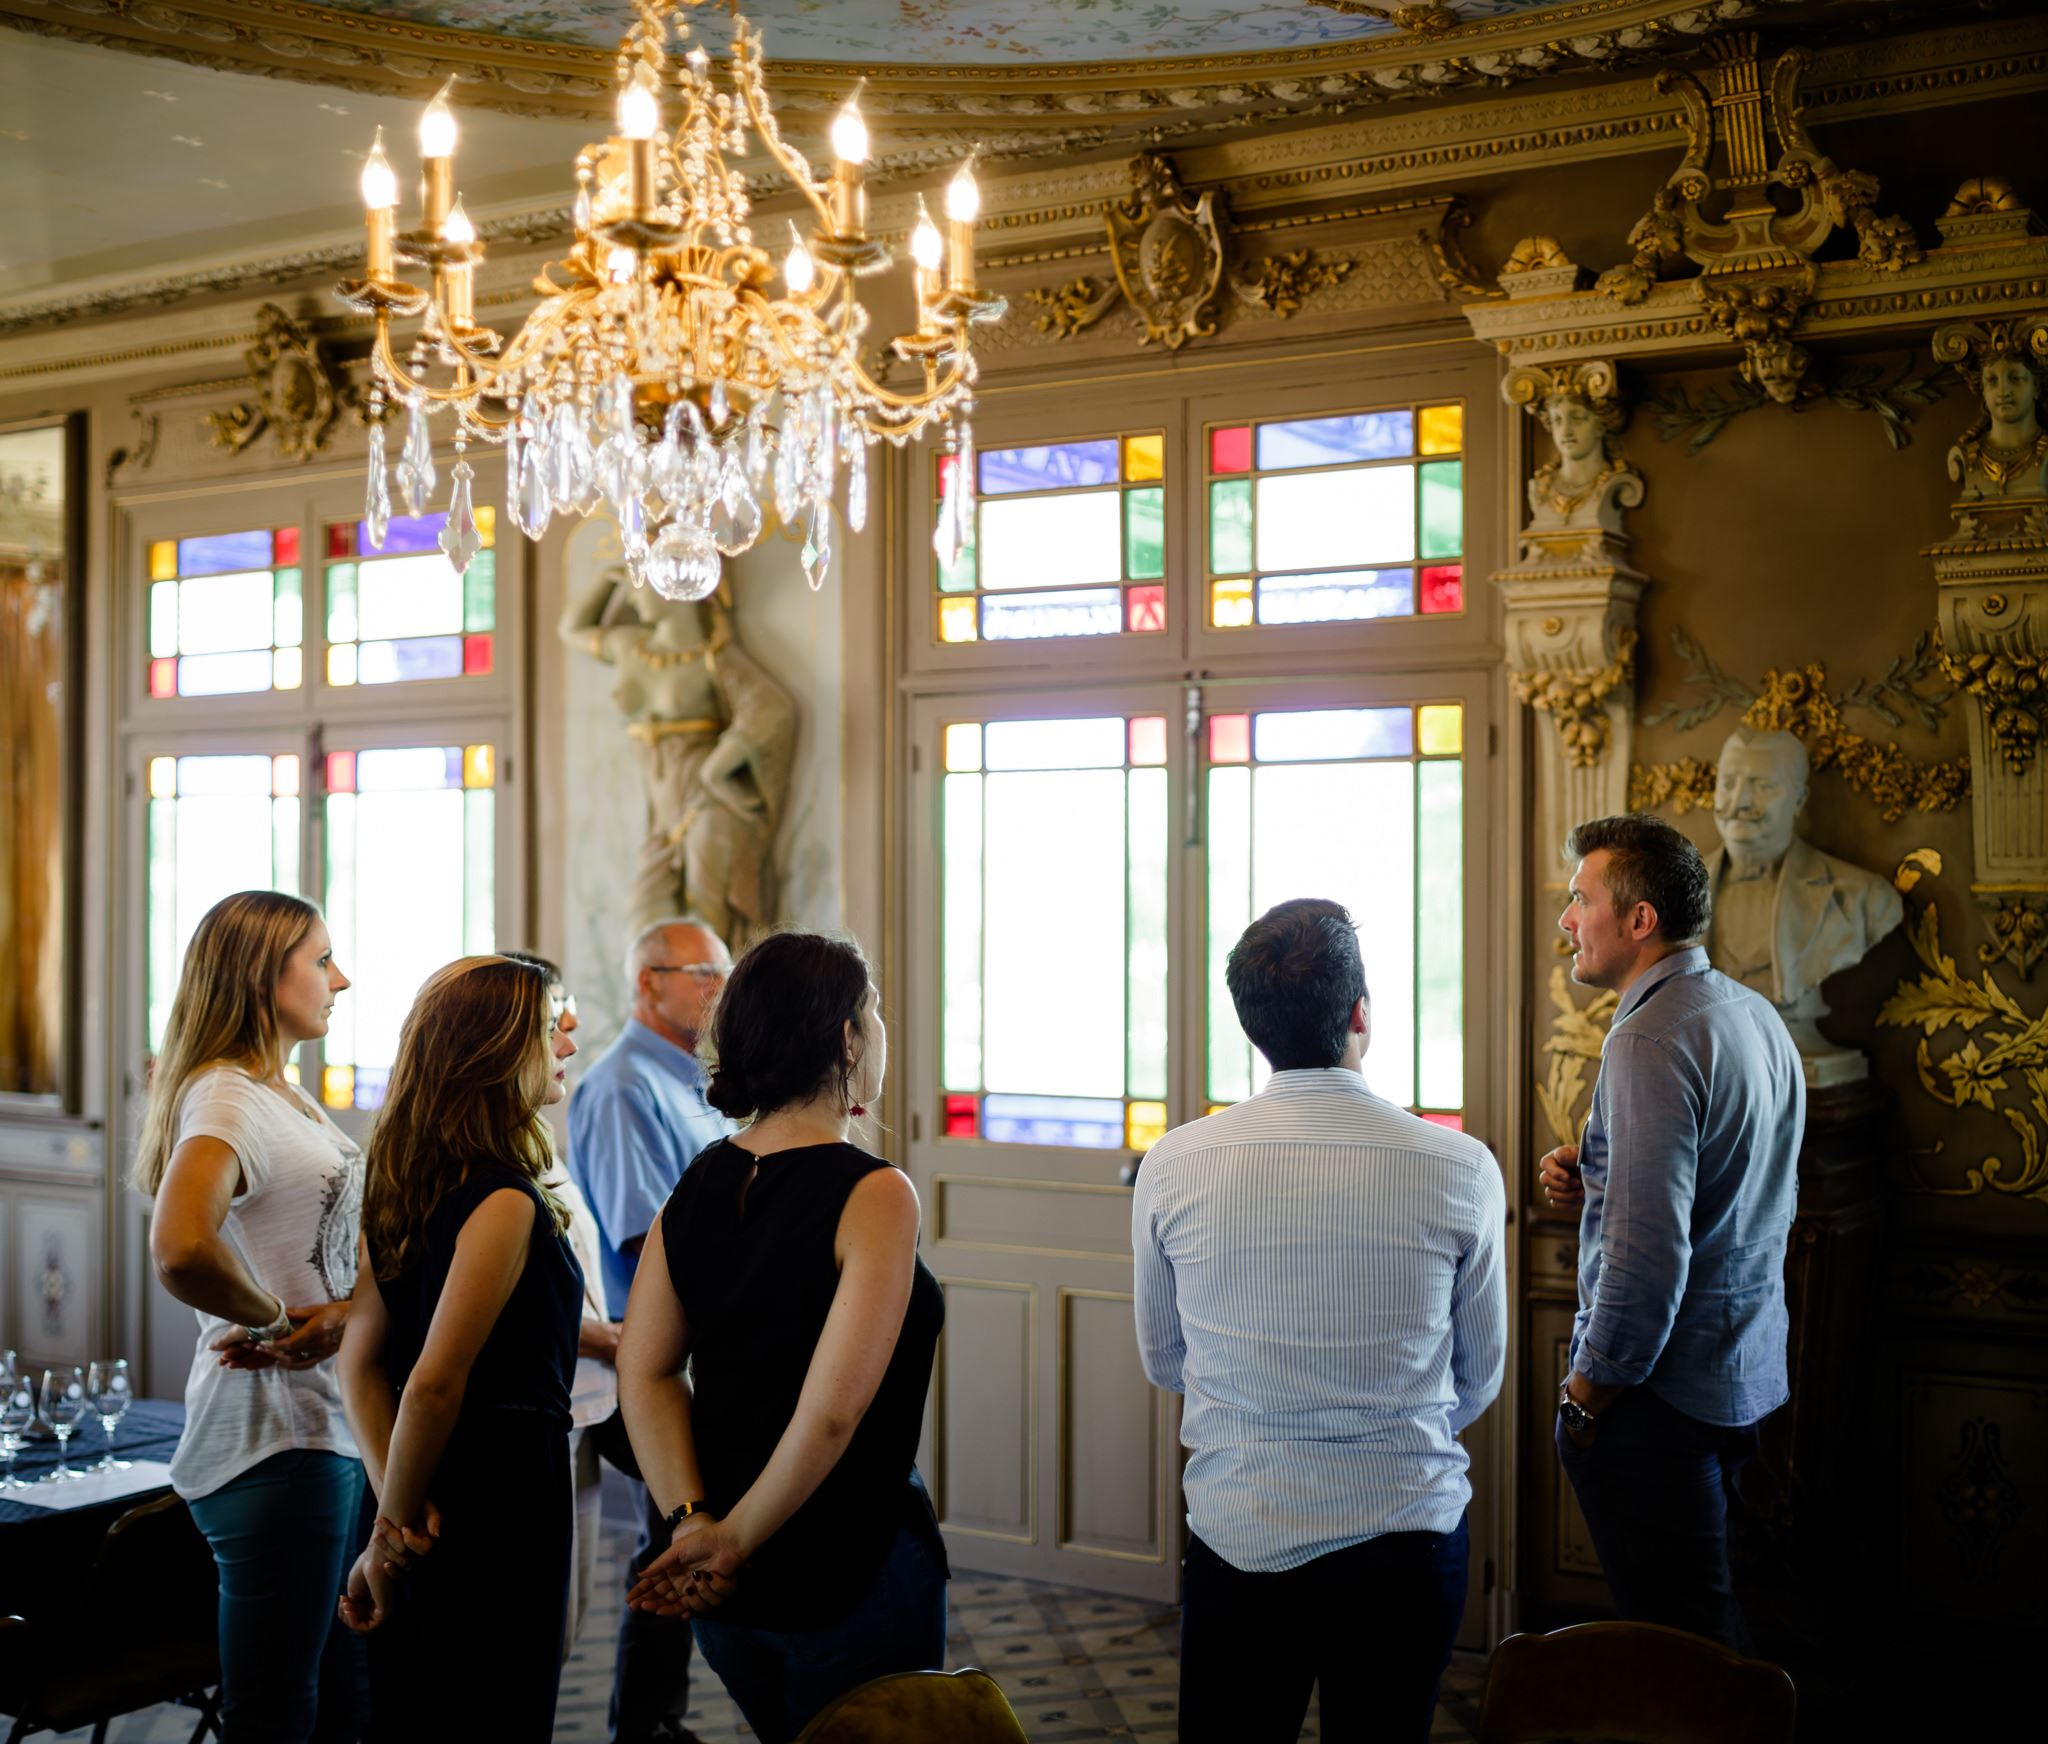 Dégustation 3 vins & Visite Historique salle belle époque - Le Comptoir de la Cité/Foncalieu - 1h - Français/Anglais